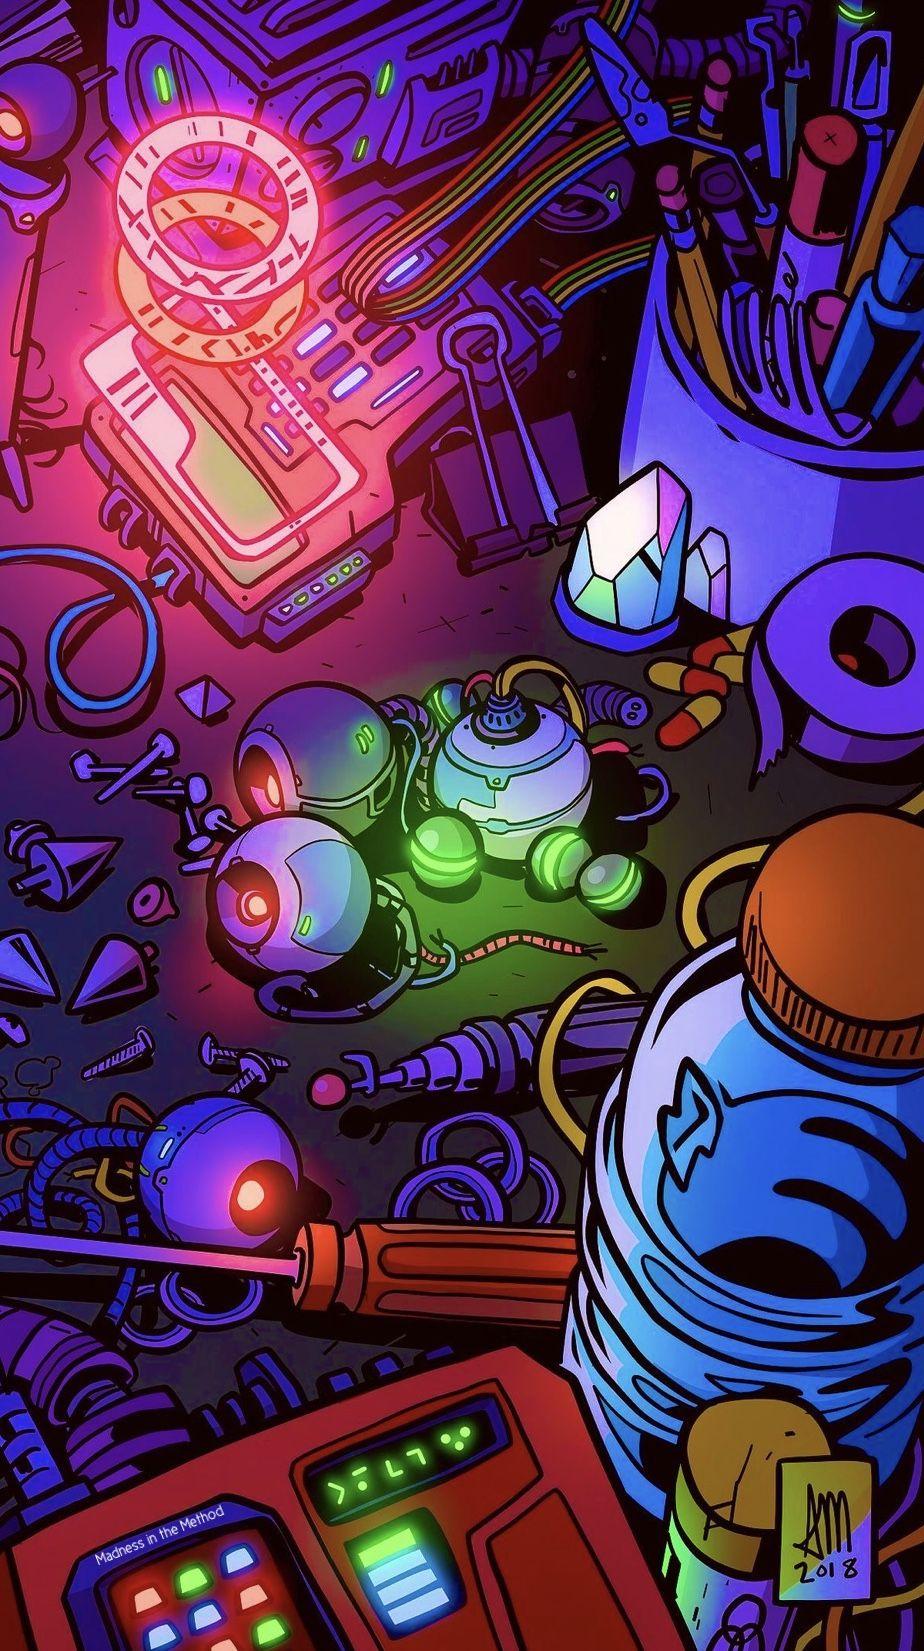 ະ MadnessintheMethod ະ wallpaper background in 2020